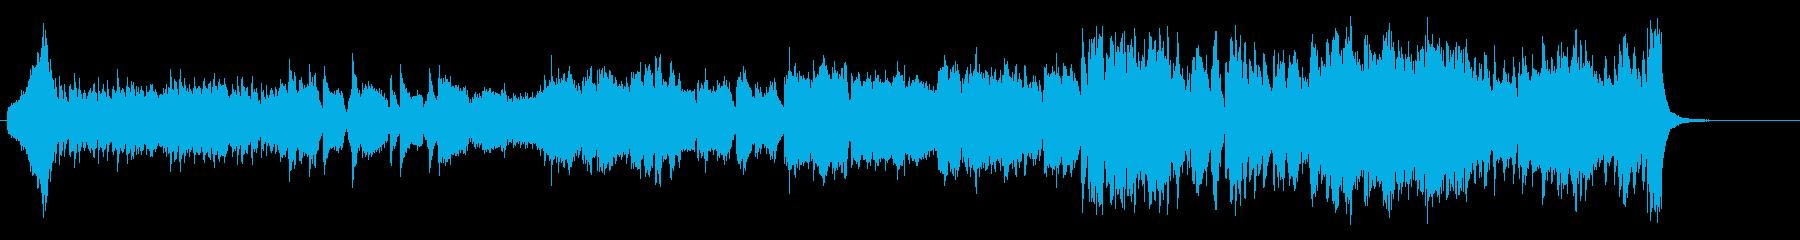 サントラ風 オーボエほかオーケストラ風の再生済みの波形